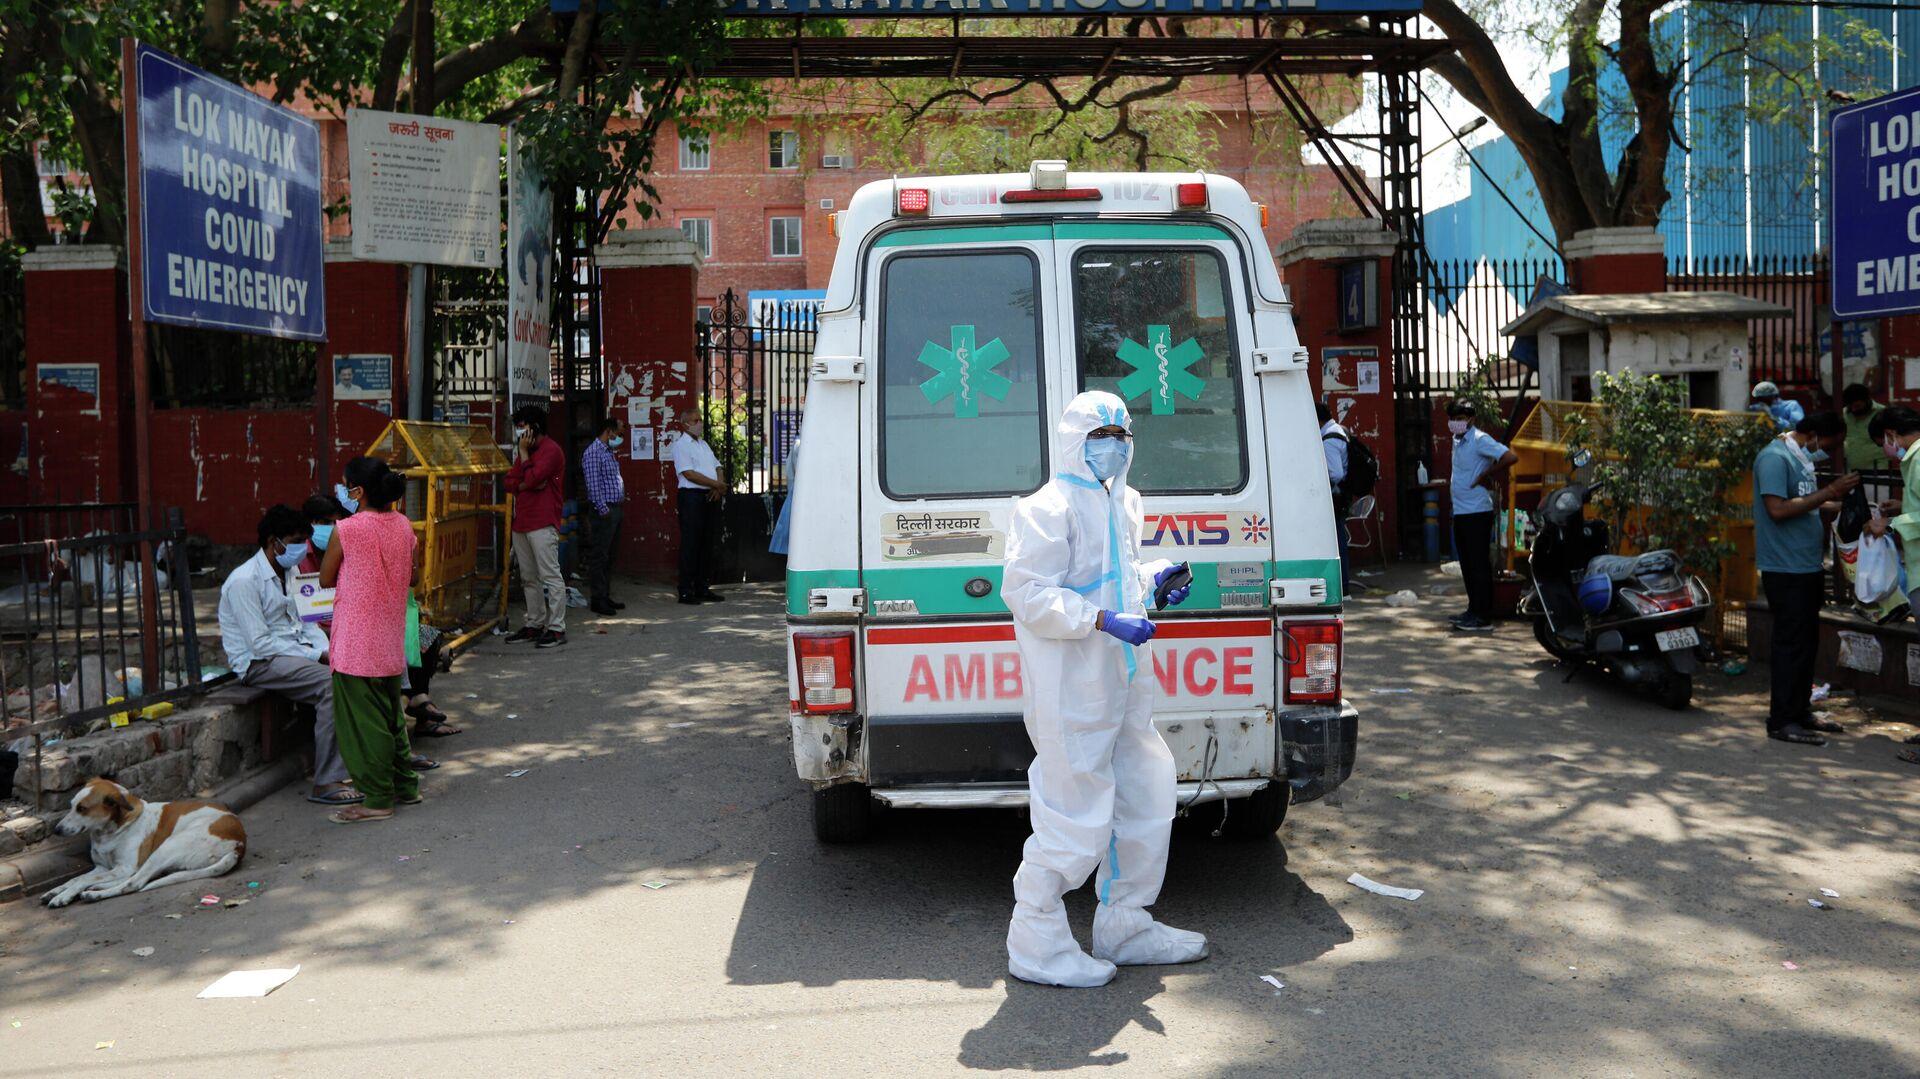 Скорая помощь возле больницы для лечения пациентов с COVID-19 в Нью-Дели, Индия - РИА Новости, 1920, 24.04.2021